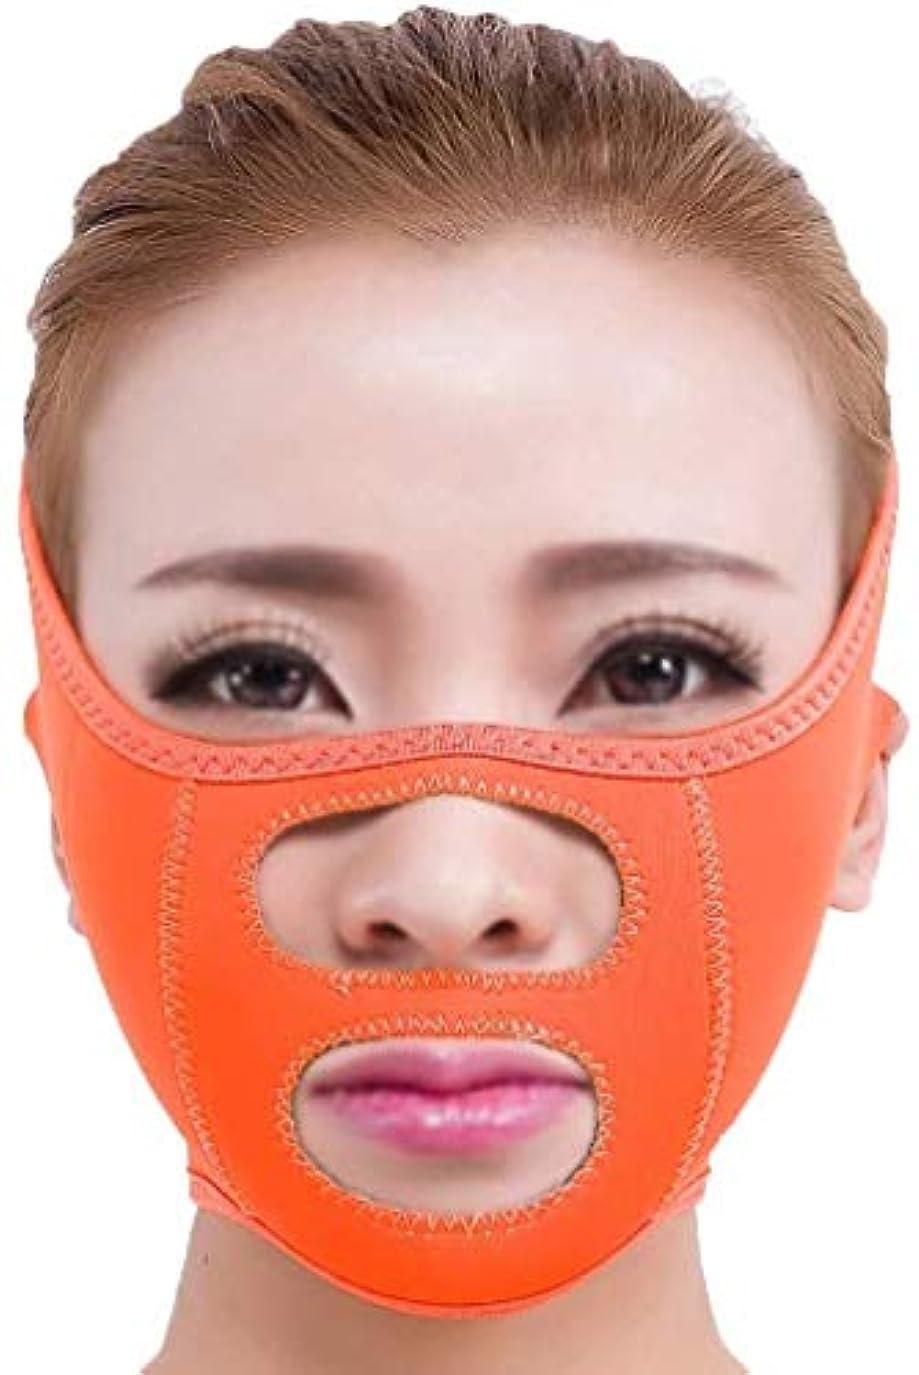 サービス引き出す切り離す美容と実用的なSlim身ベルト、フェイシャルマスク薄い顔マスク睡眠薄い顔マスク薄い顔包帯薄い顔アーティファクト薄い顔顔リフティング薄い顔小さなV顔睡眠薄い顔ベルト